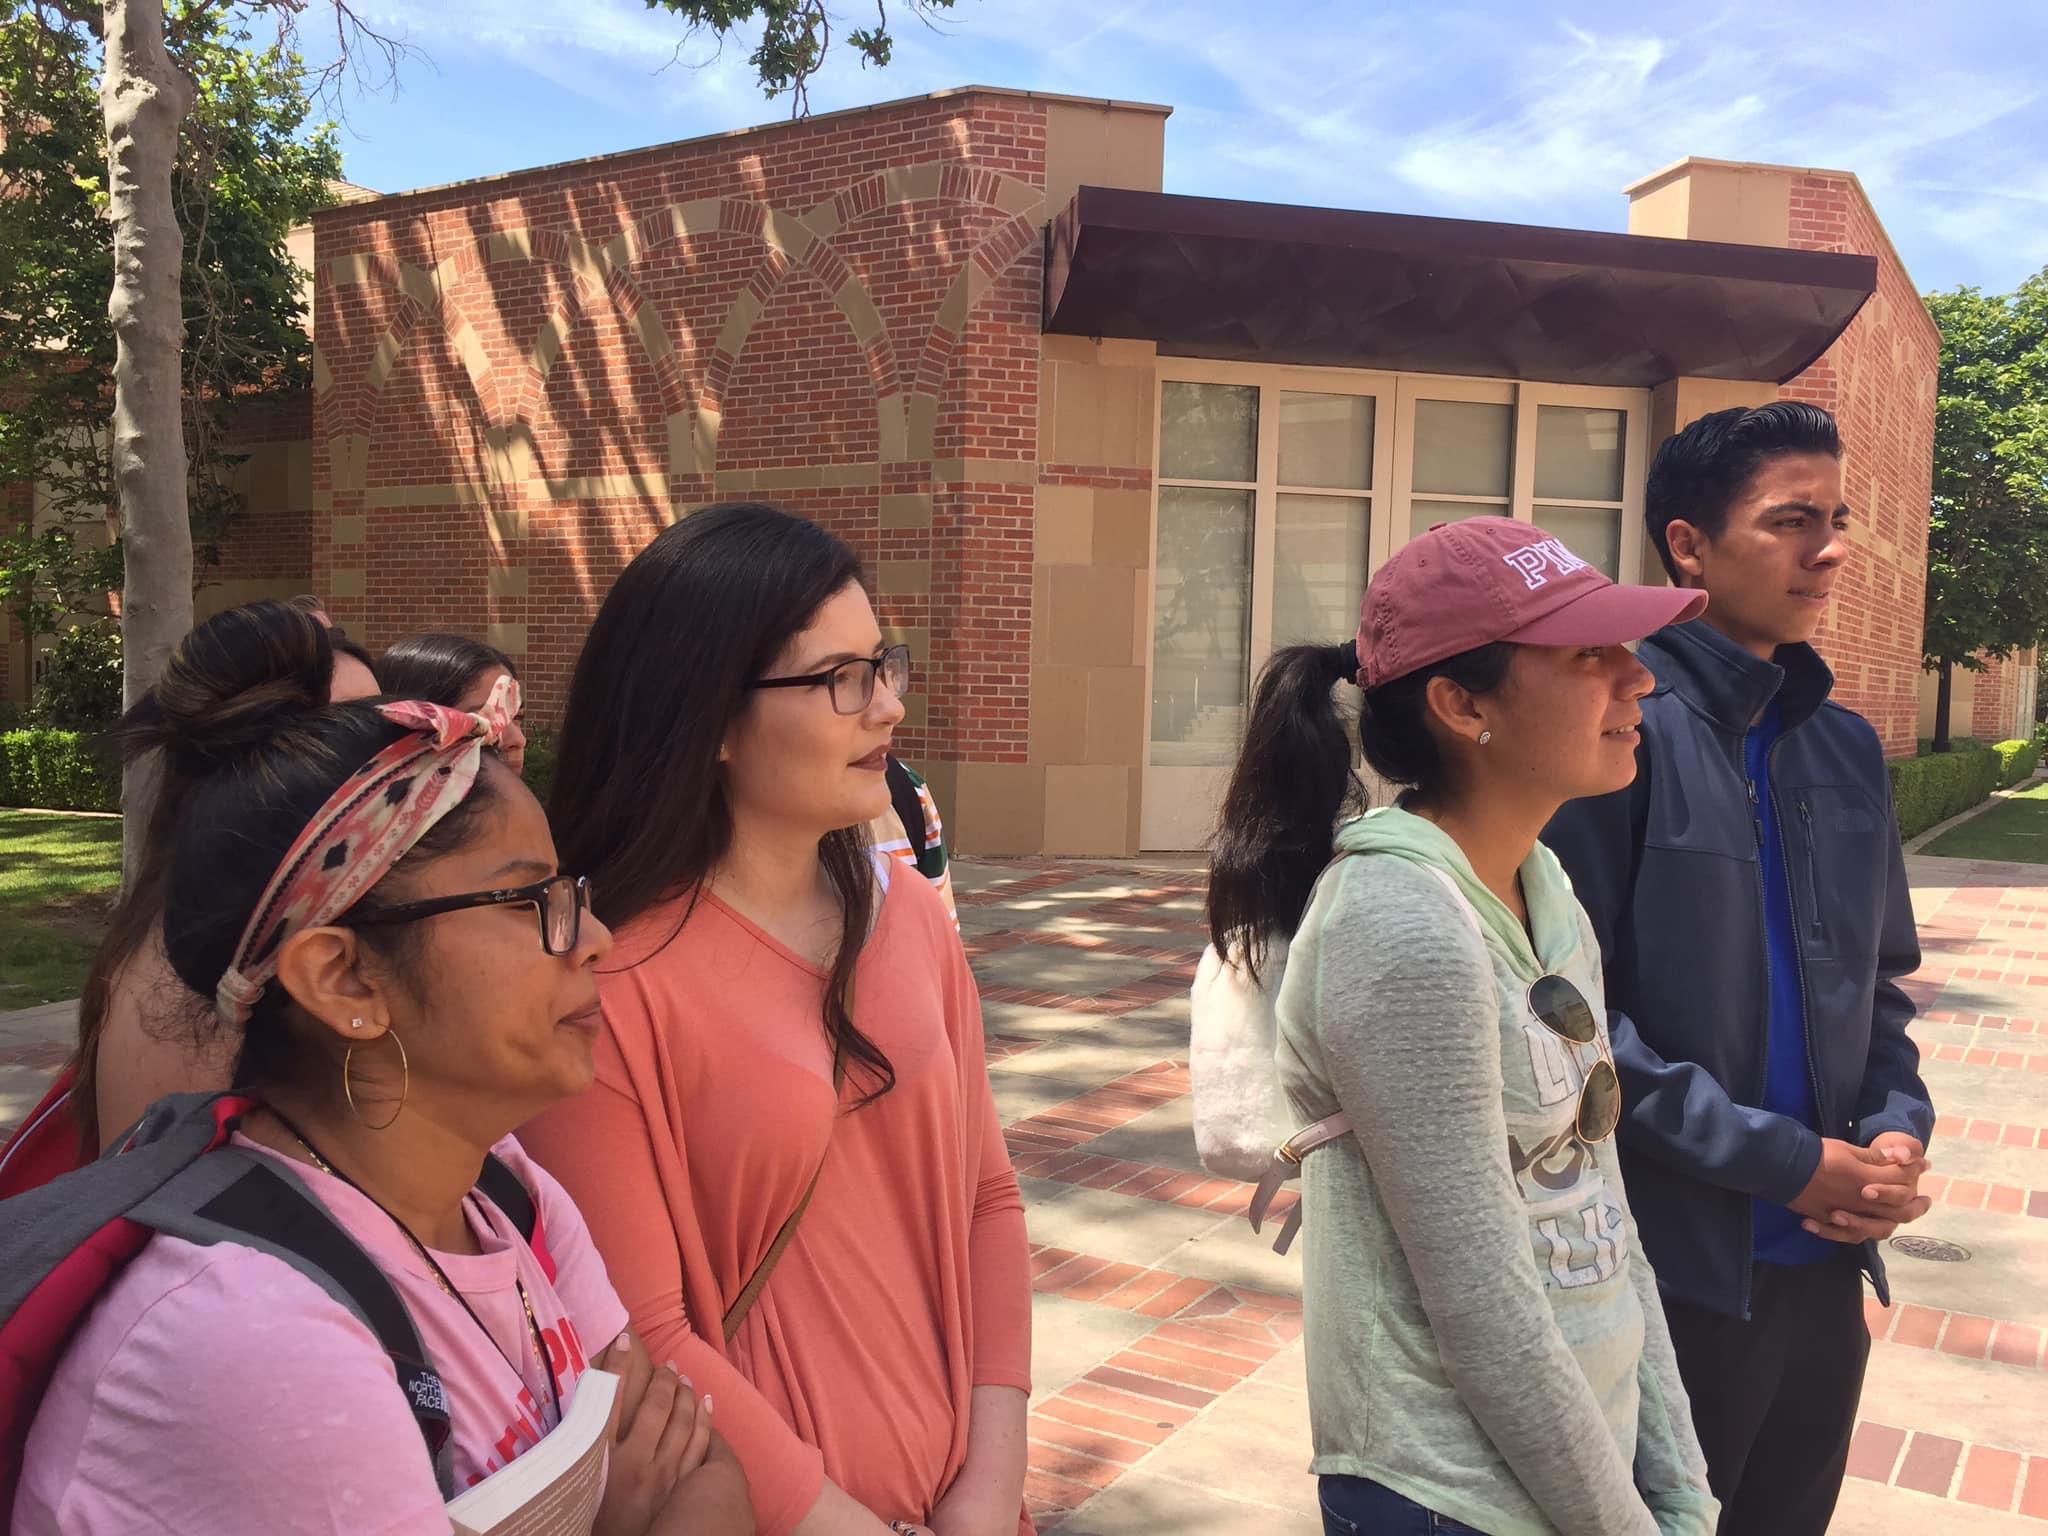 UCLA_Campus_Visit_37